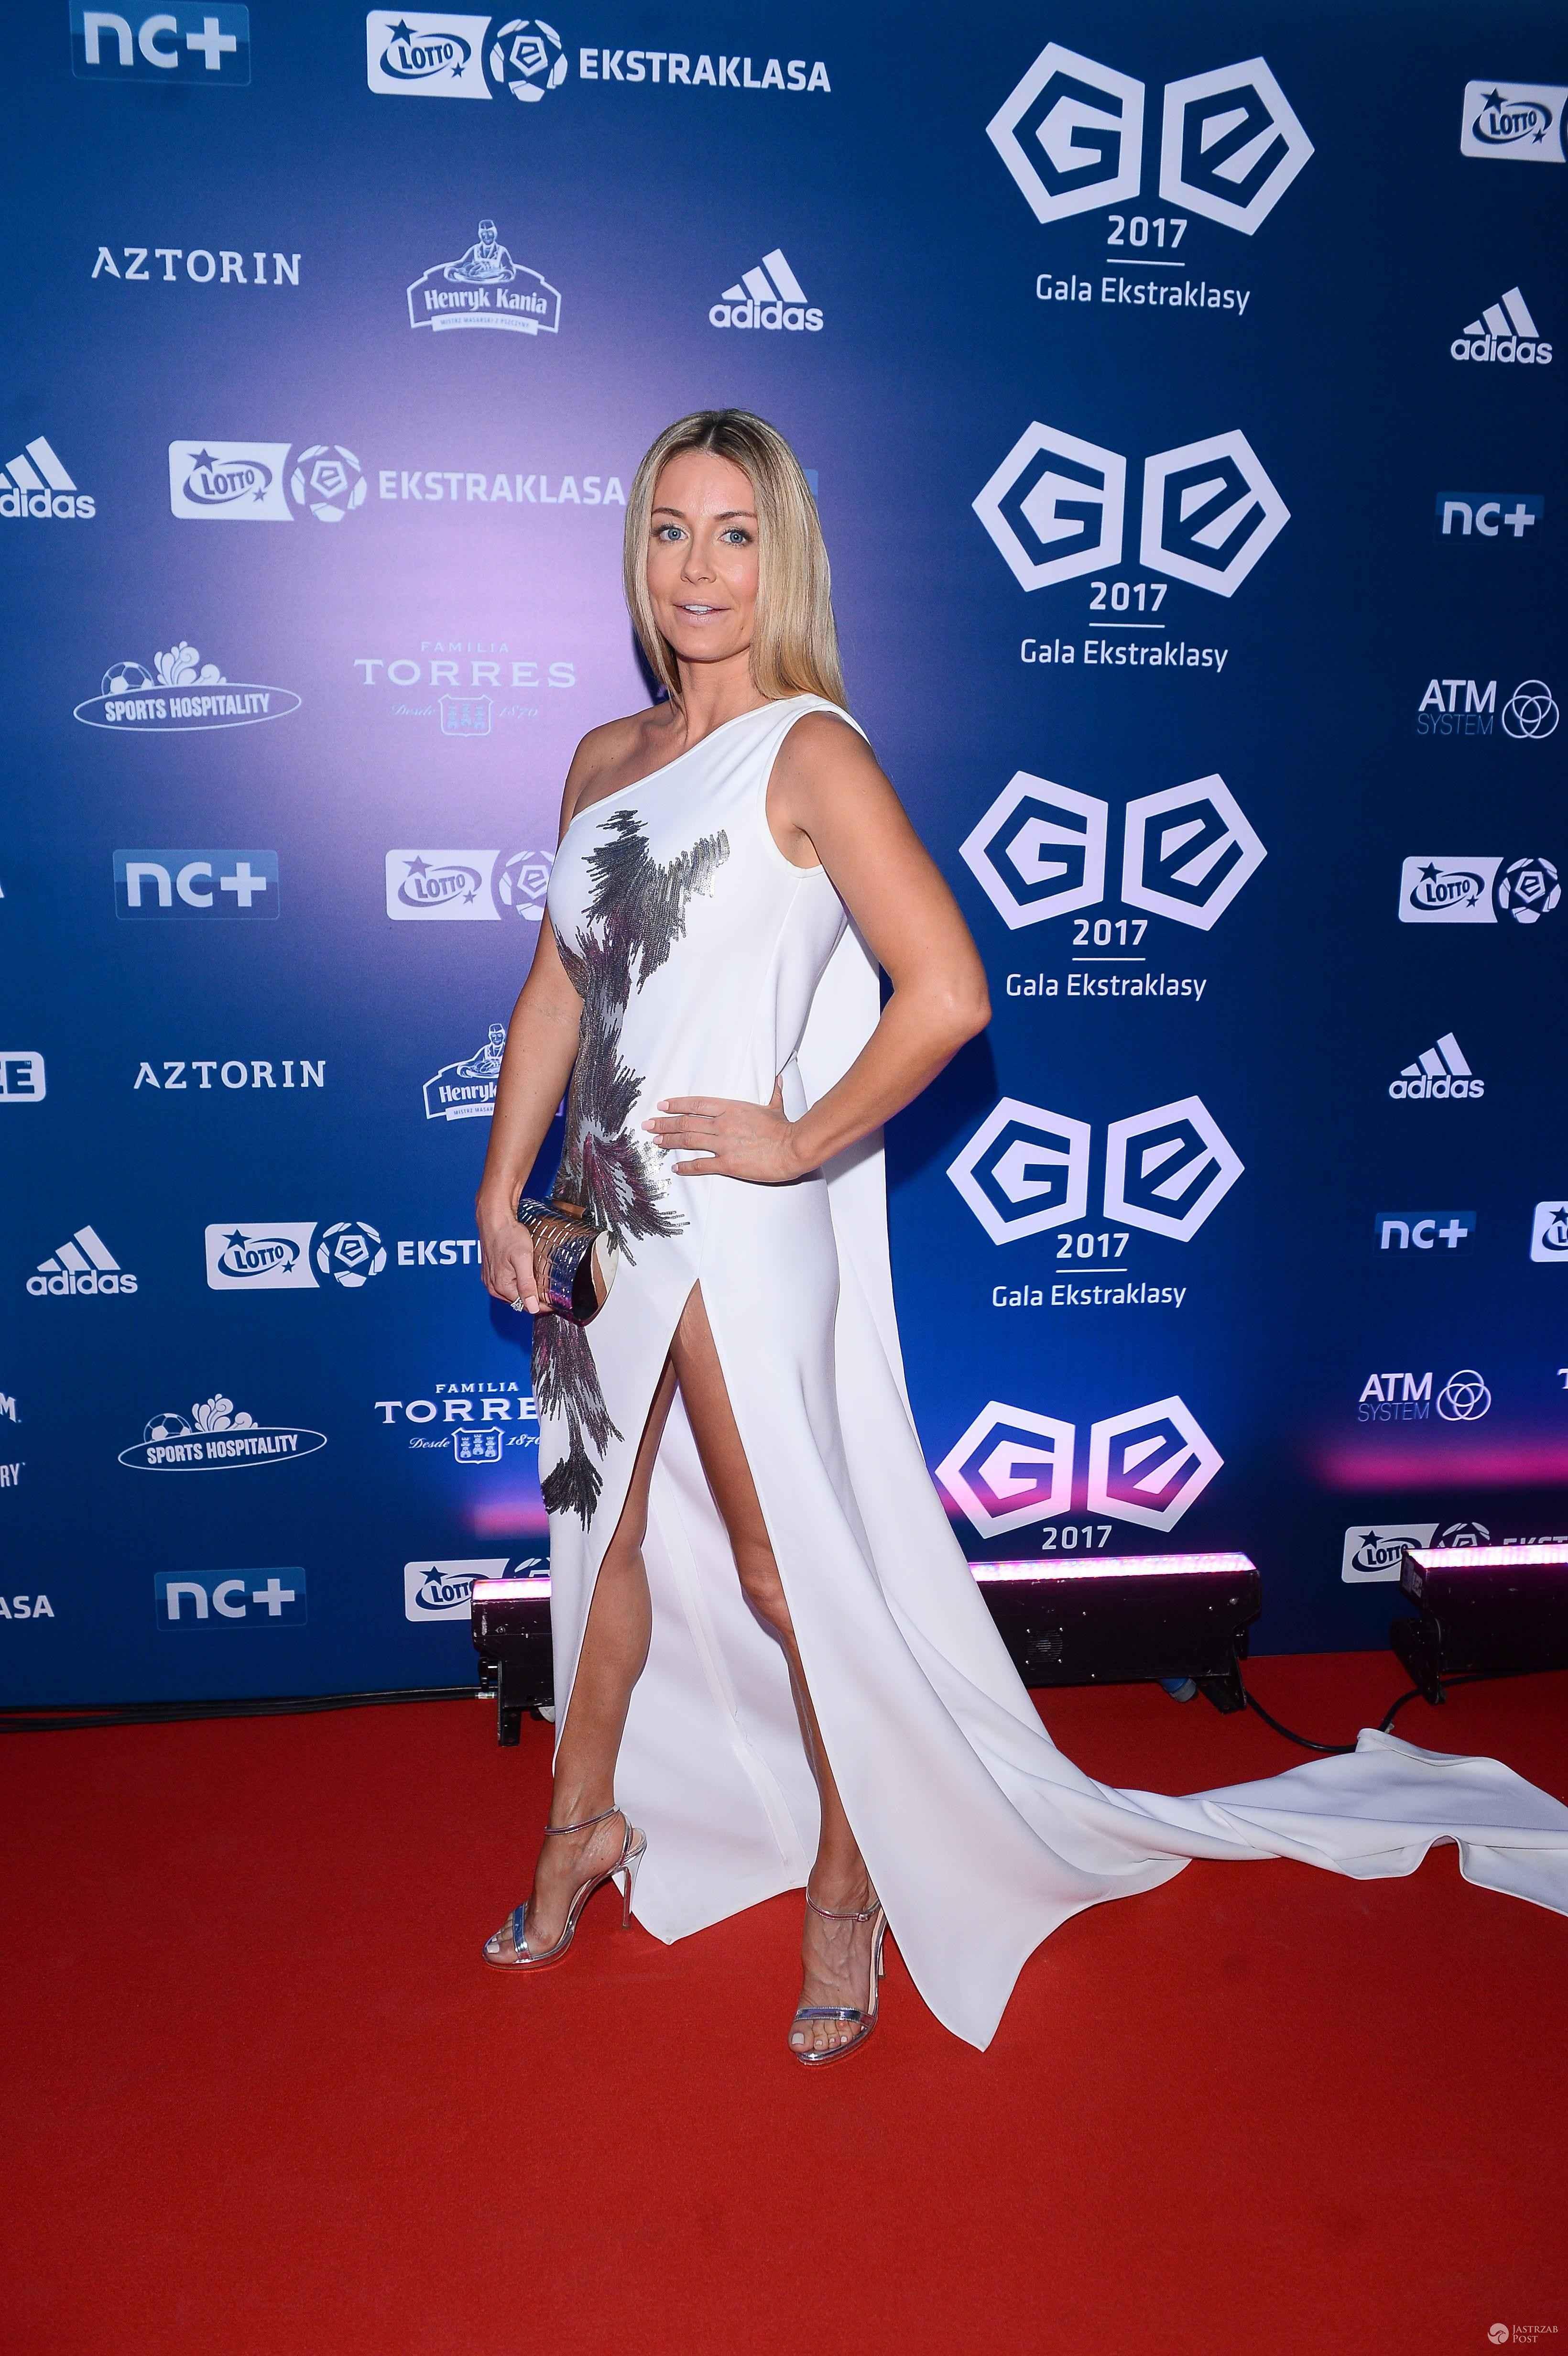 Małgorzata Rozenek - Gala LOTTO Ekstraklasy 2016/2017